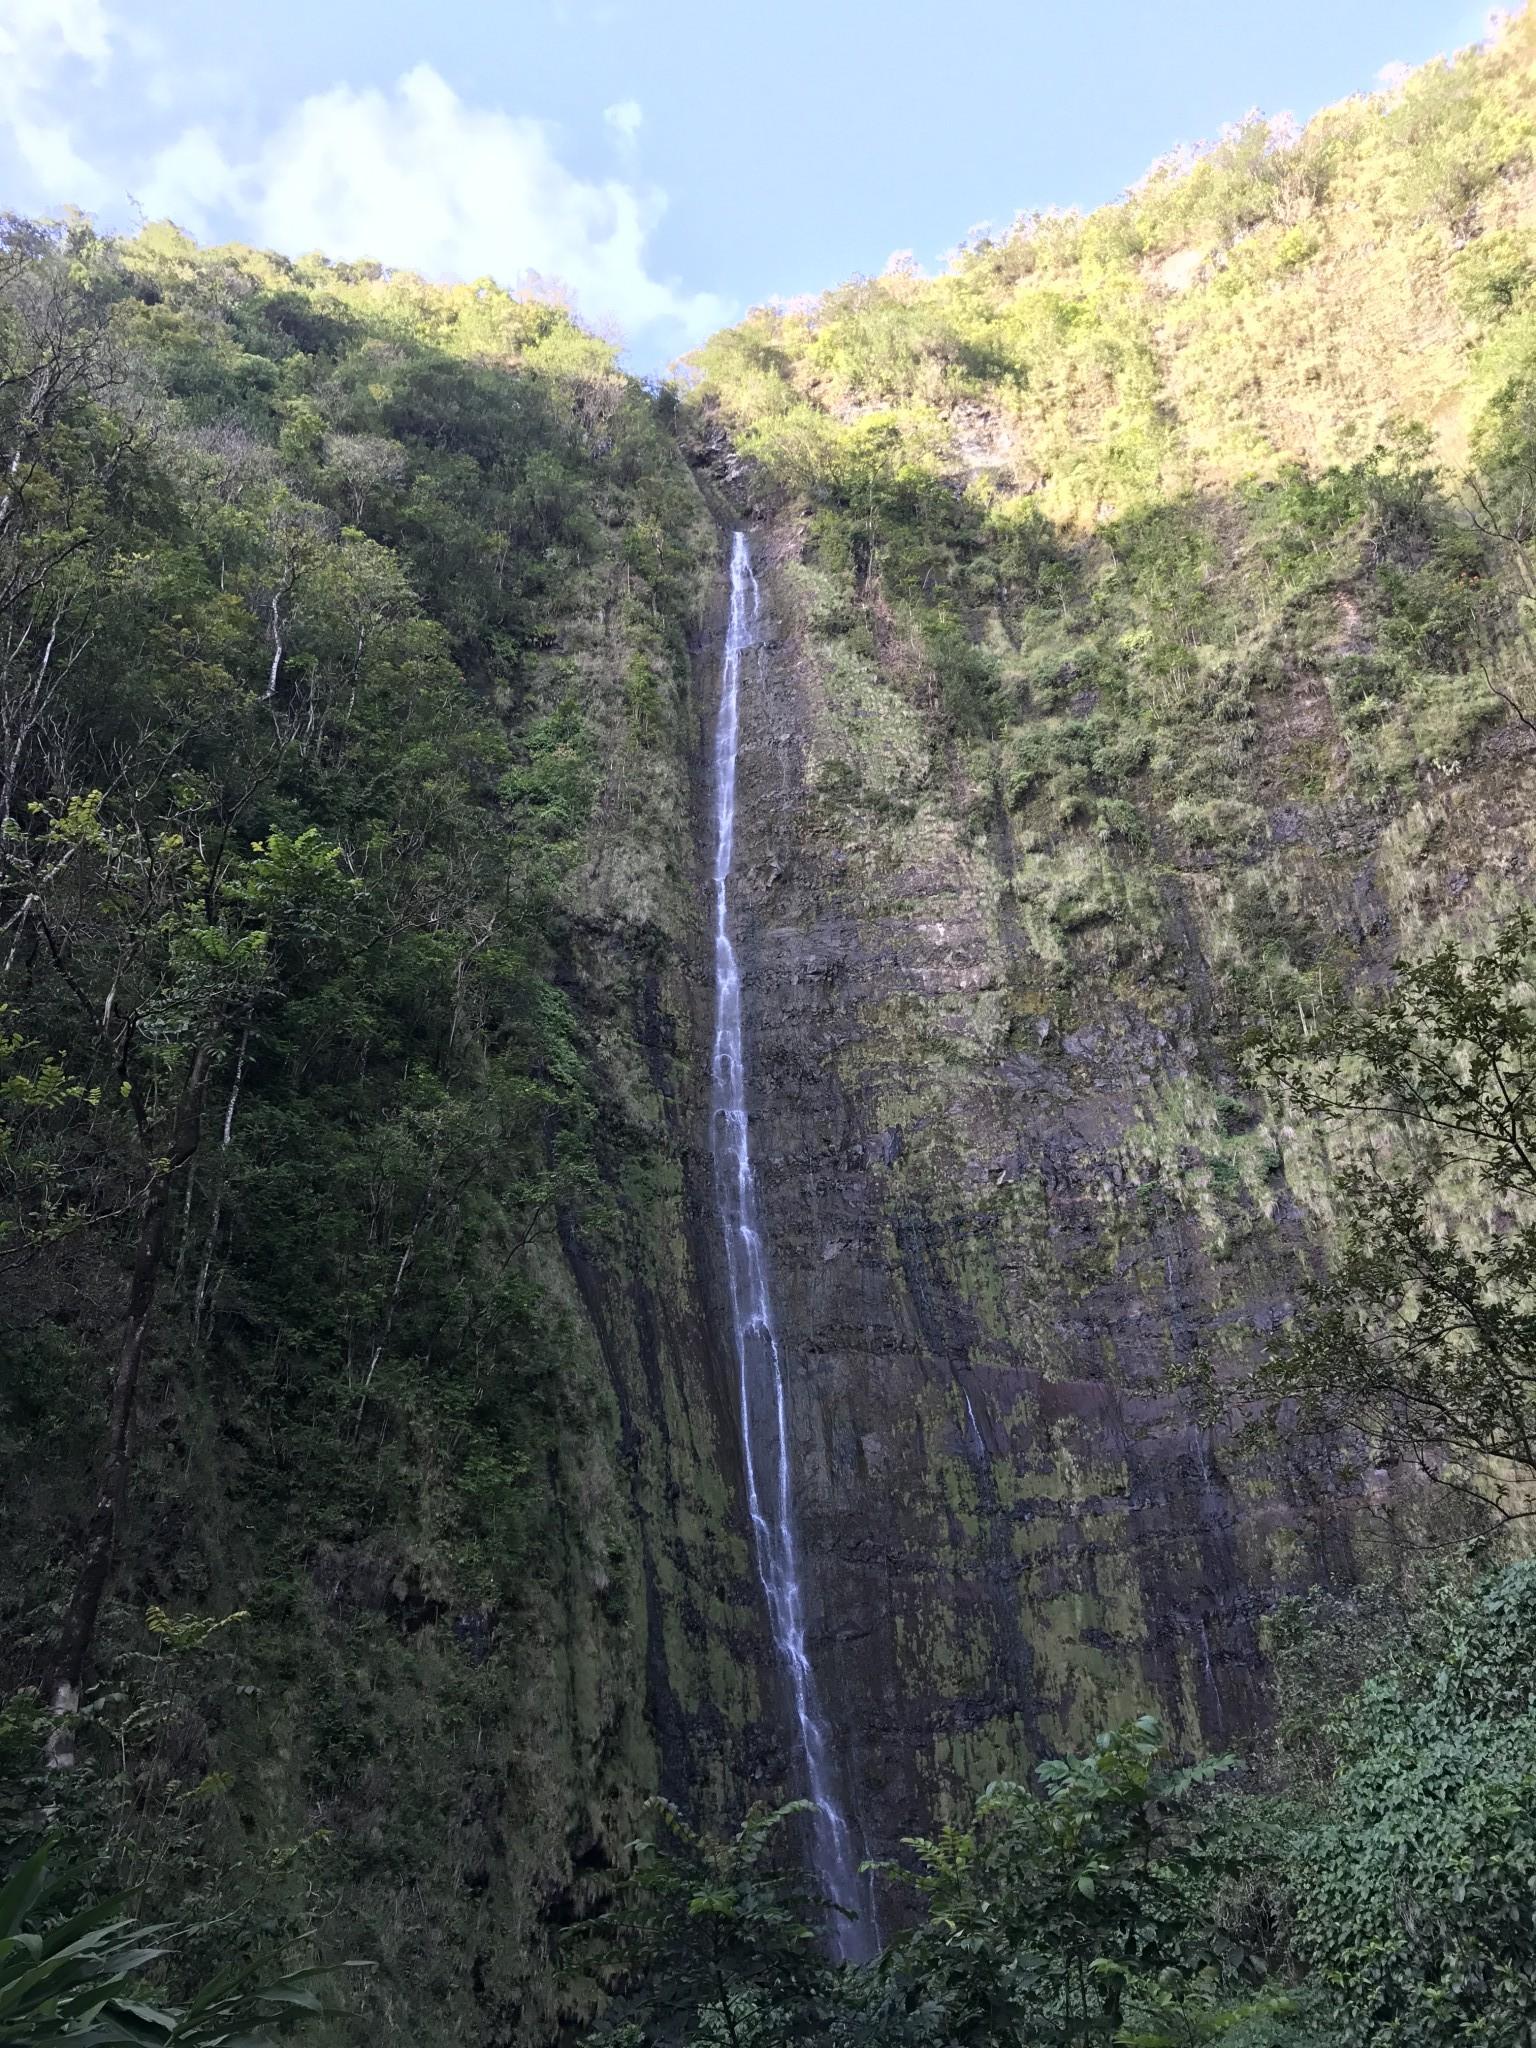 Waimoku Falls, road to hana, haleakala national park, the-alyst.com